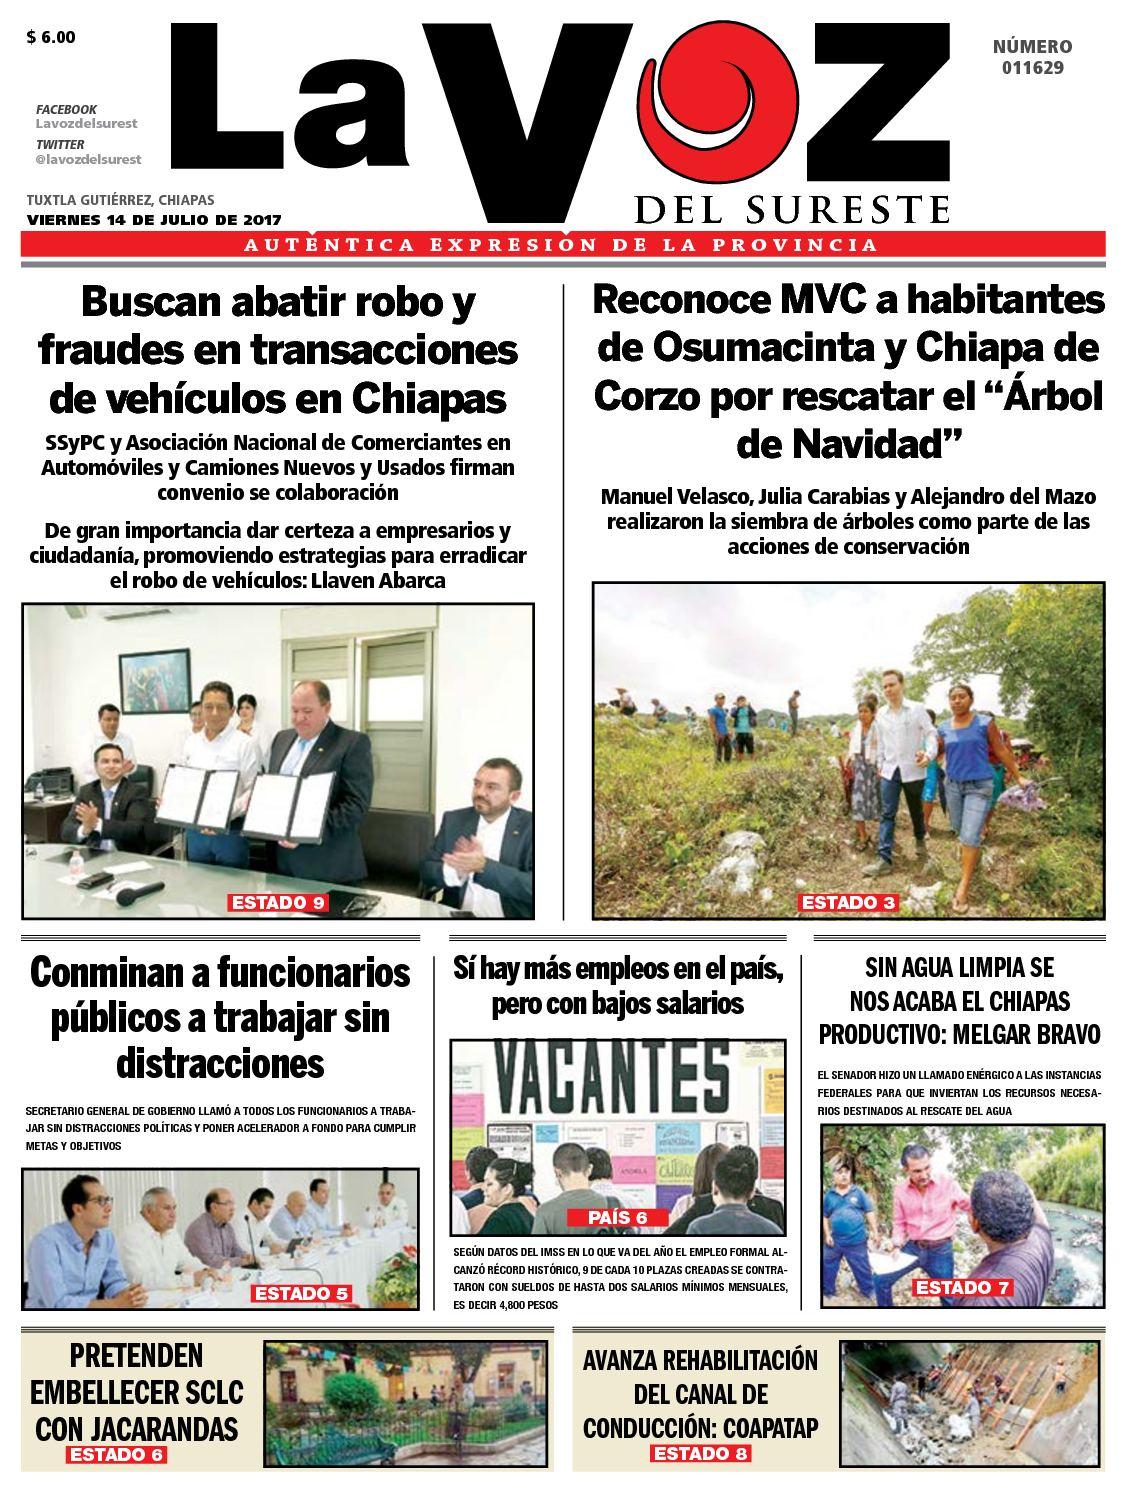 Calaméo - Diario La Voz del Sureste af29cb182ea